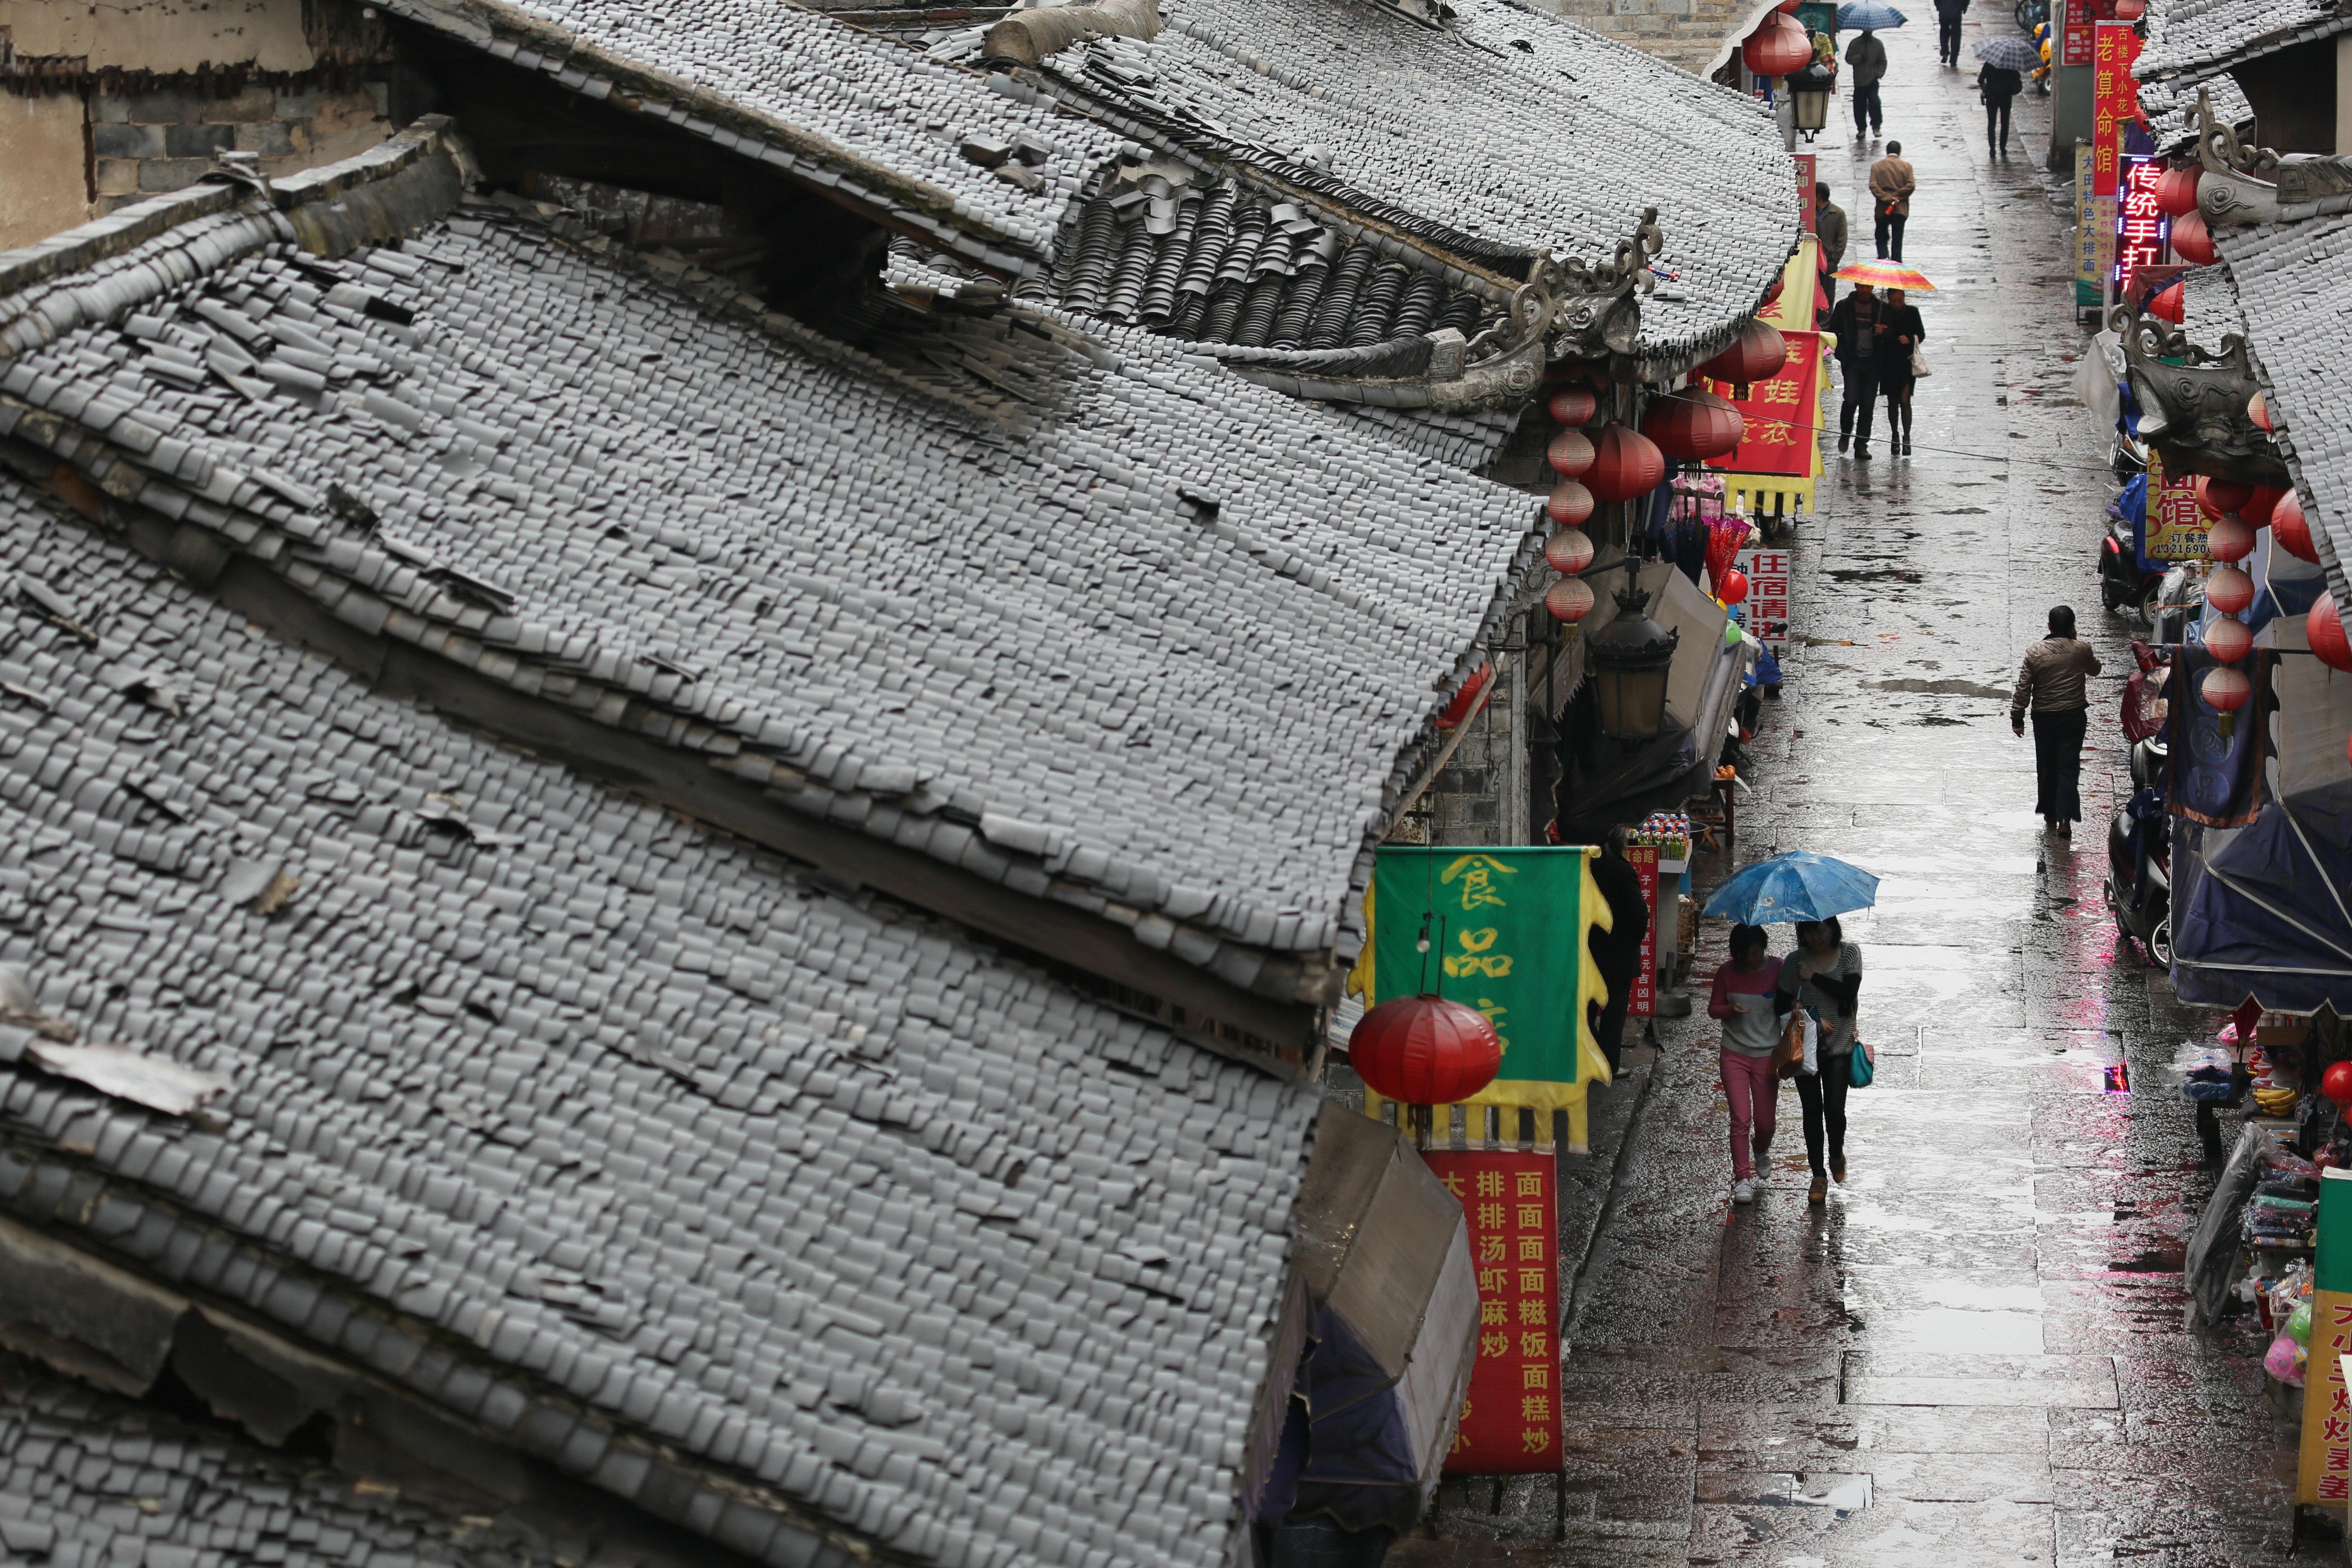 古街雨景 2014摄影月赛图片